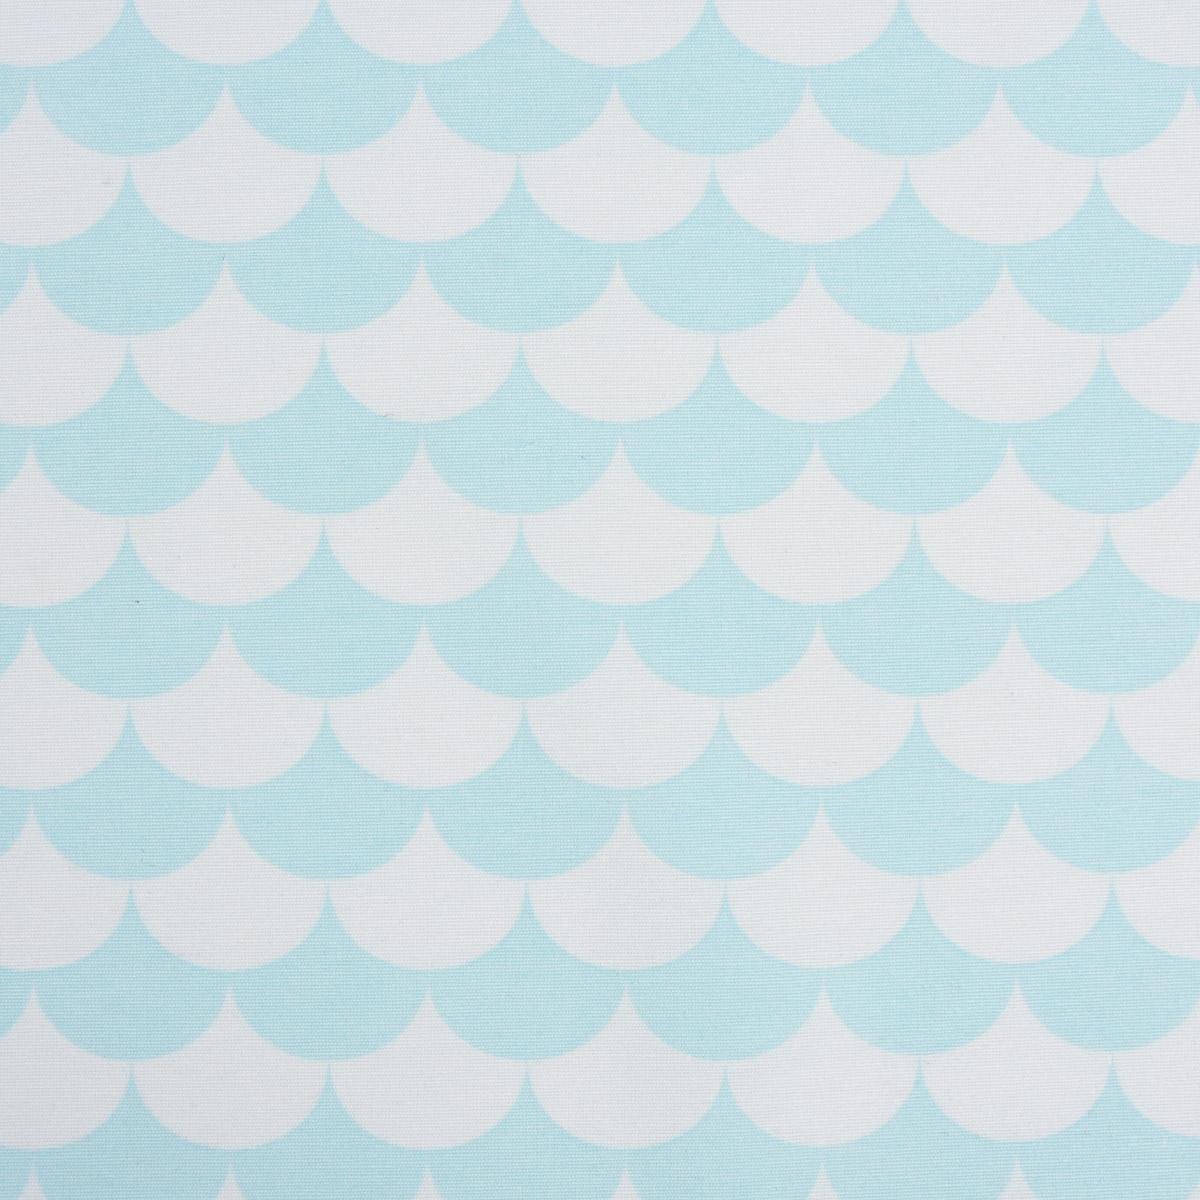 Gardinenstoff Dekostoff Wellen Schuppen blau hellblau 1,4m Breite